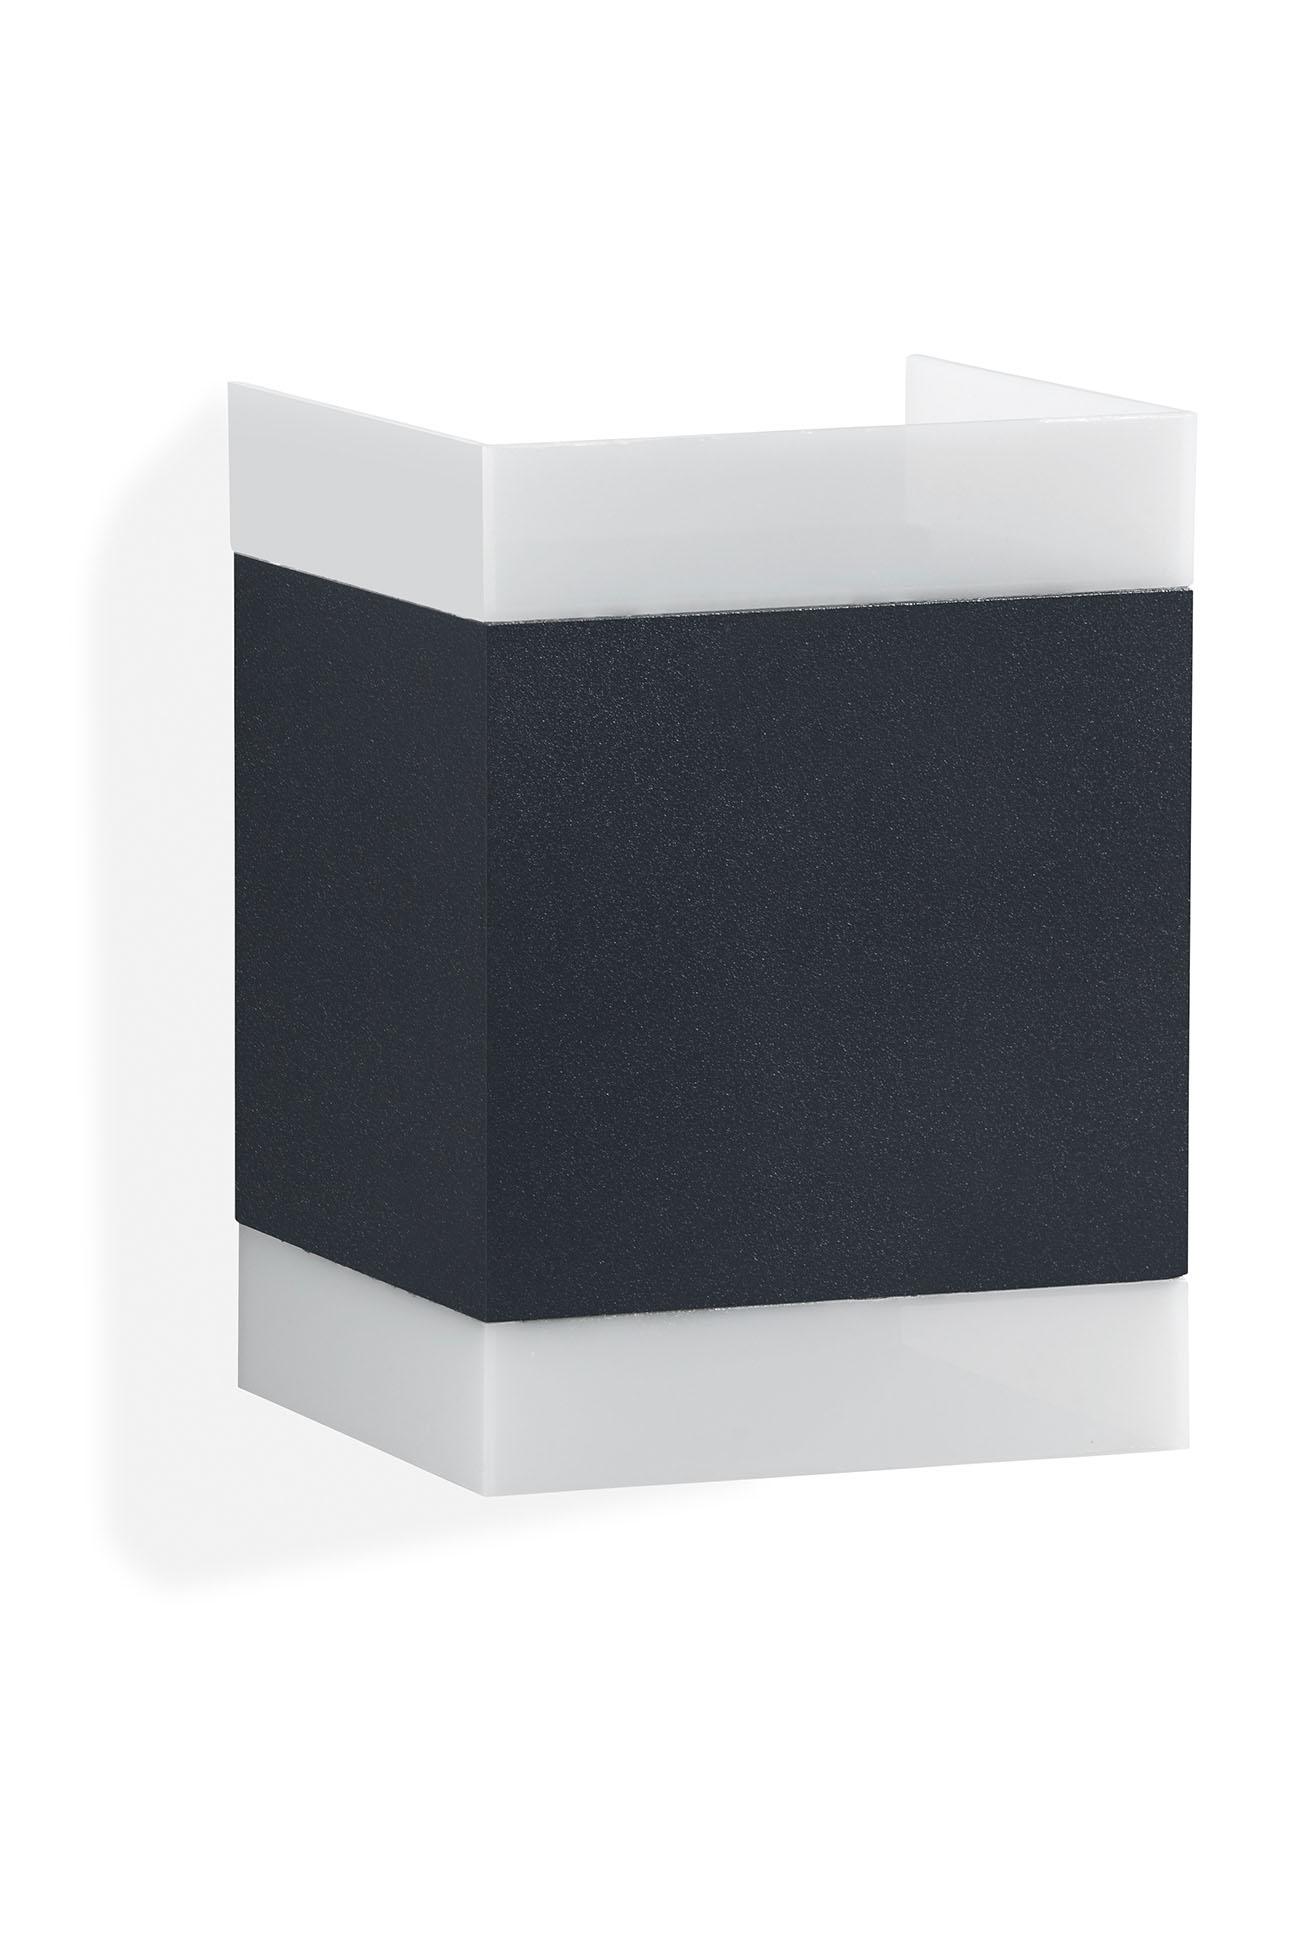 TELEFUNKEN LED Außenwandleuchte, 11 cm, 7 W, Anthrazit